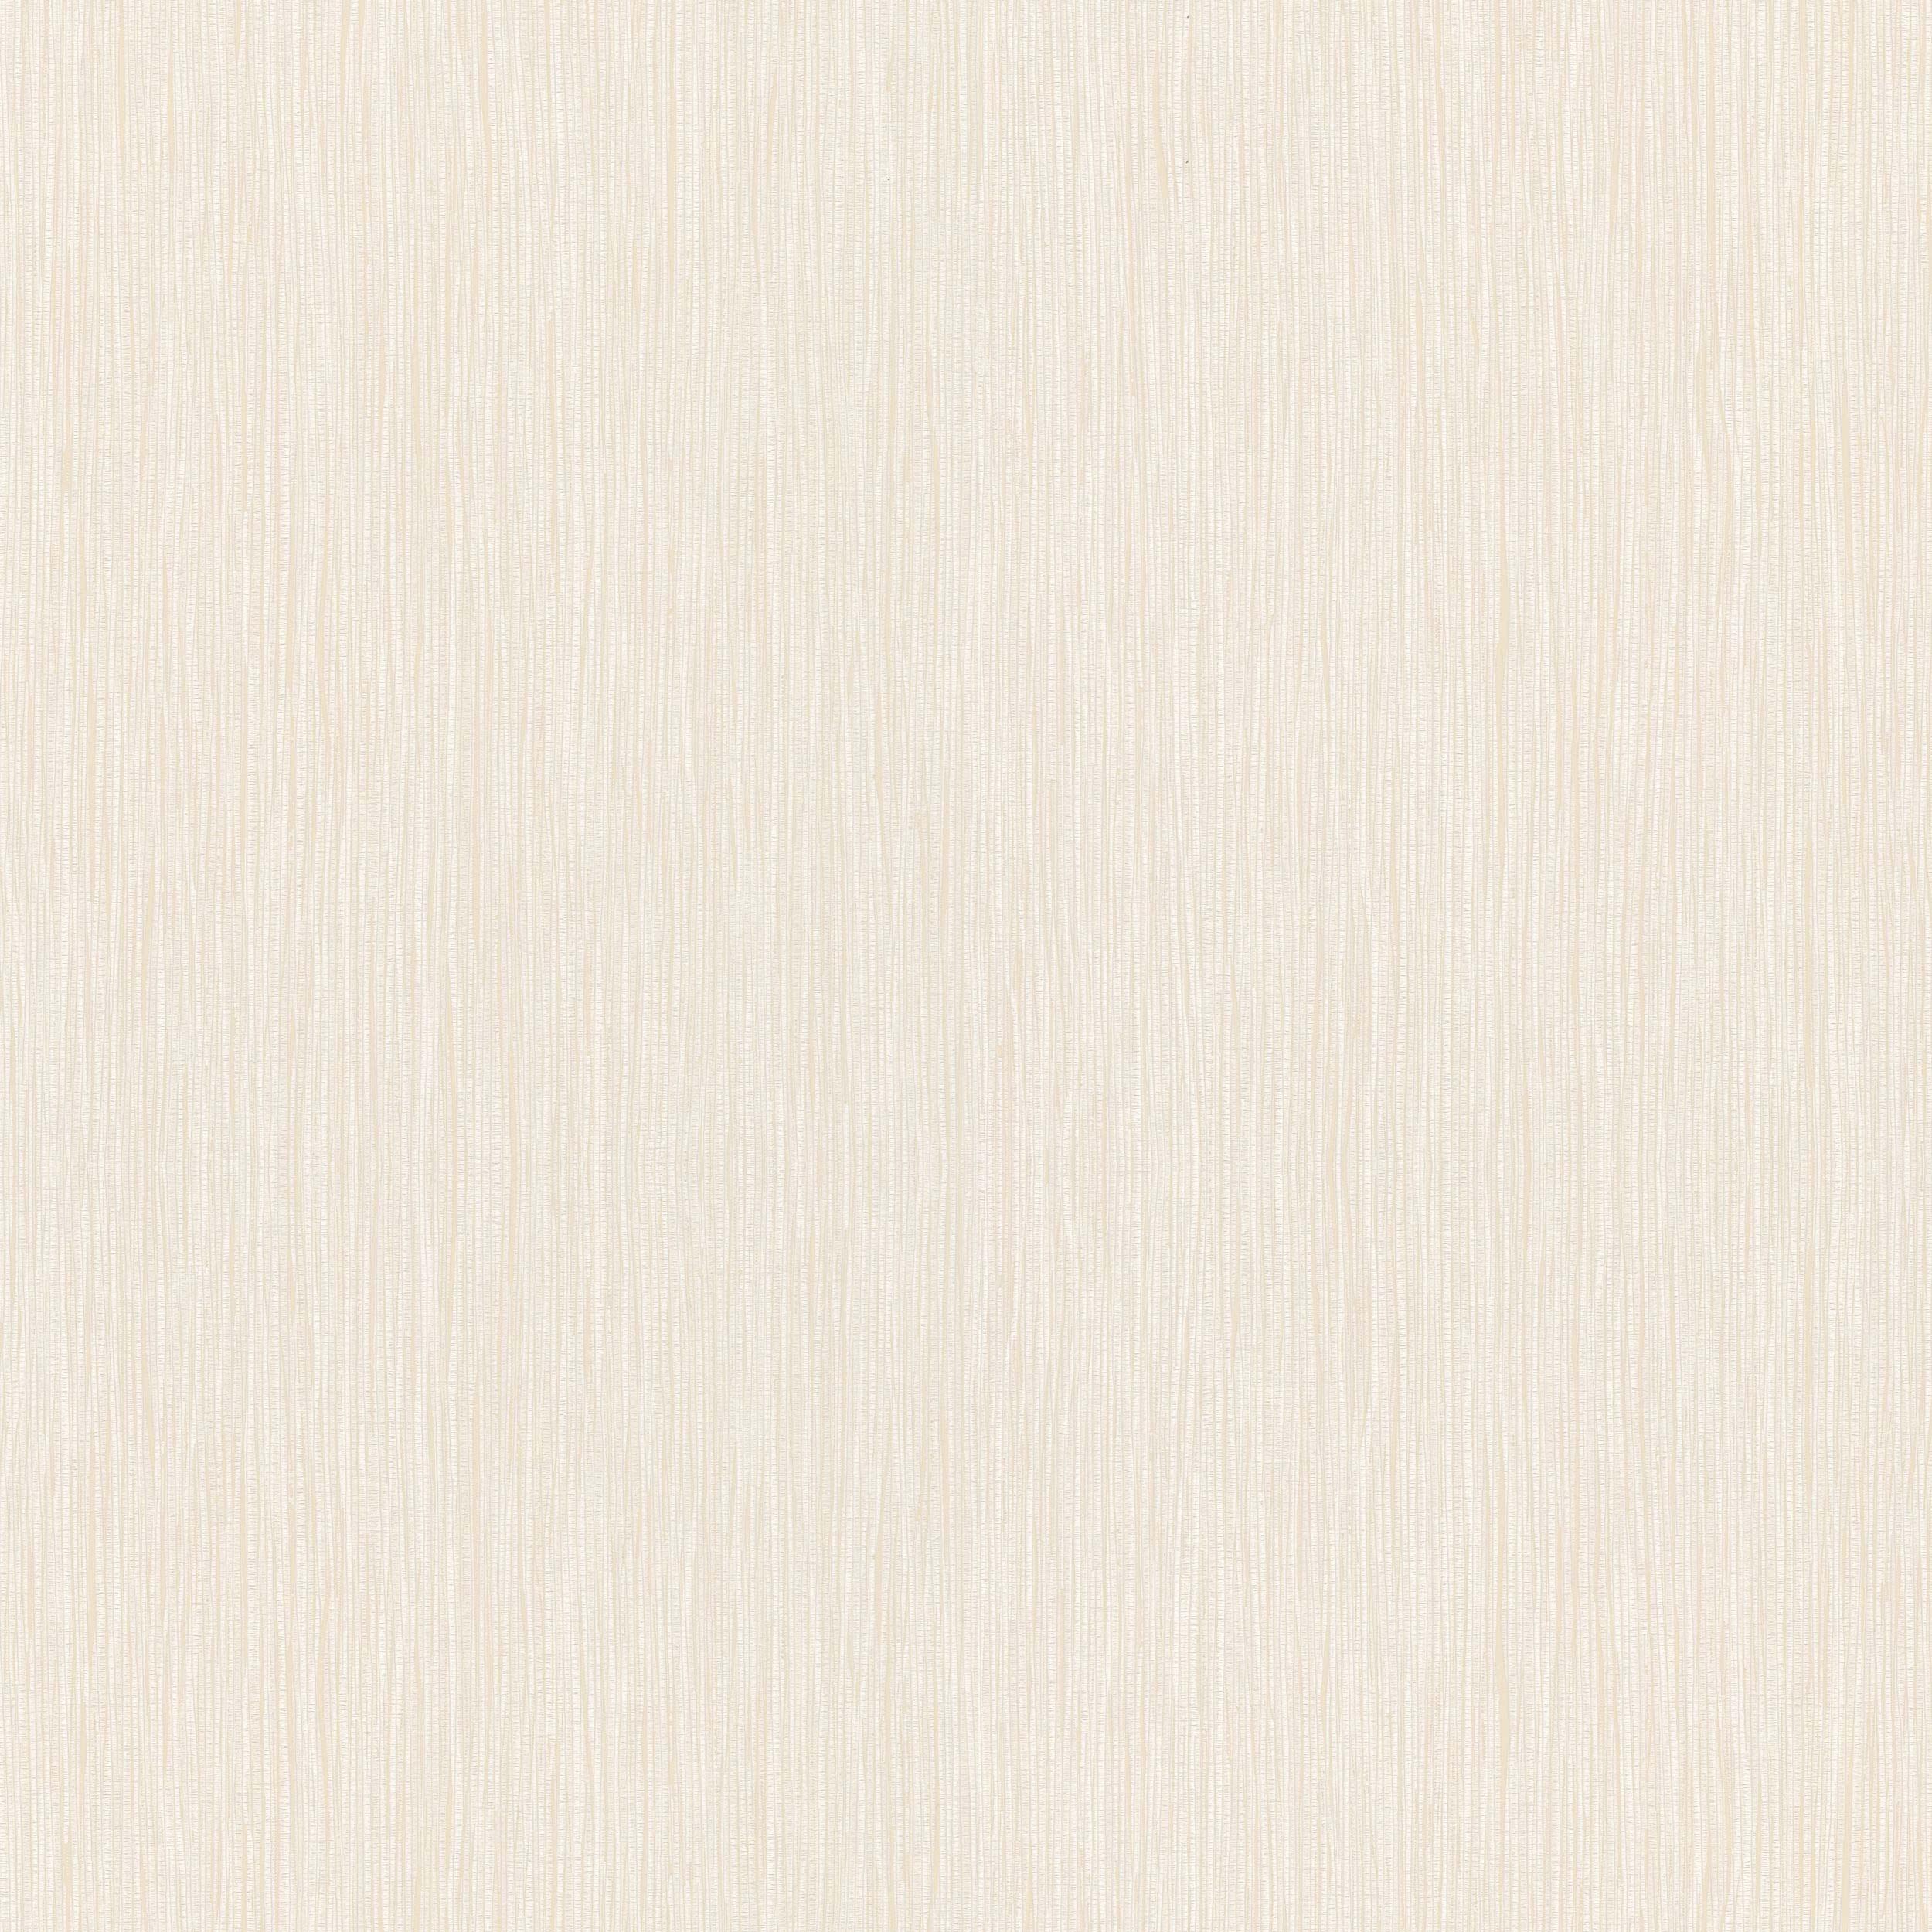 Binkele Farben, Lacke & Tapeten Onlinehandel - Marburg ESTELLE 56503